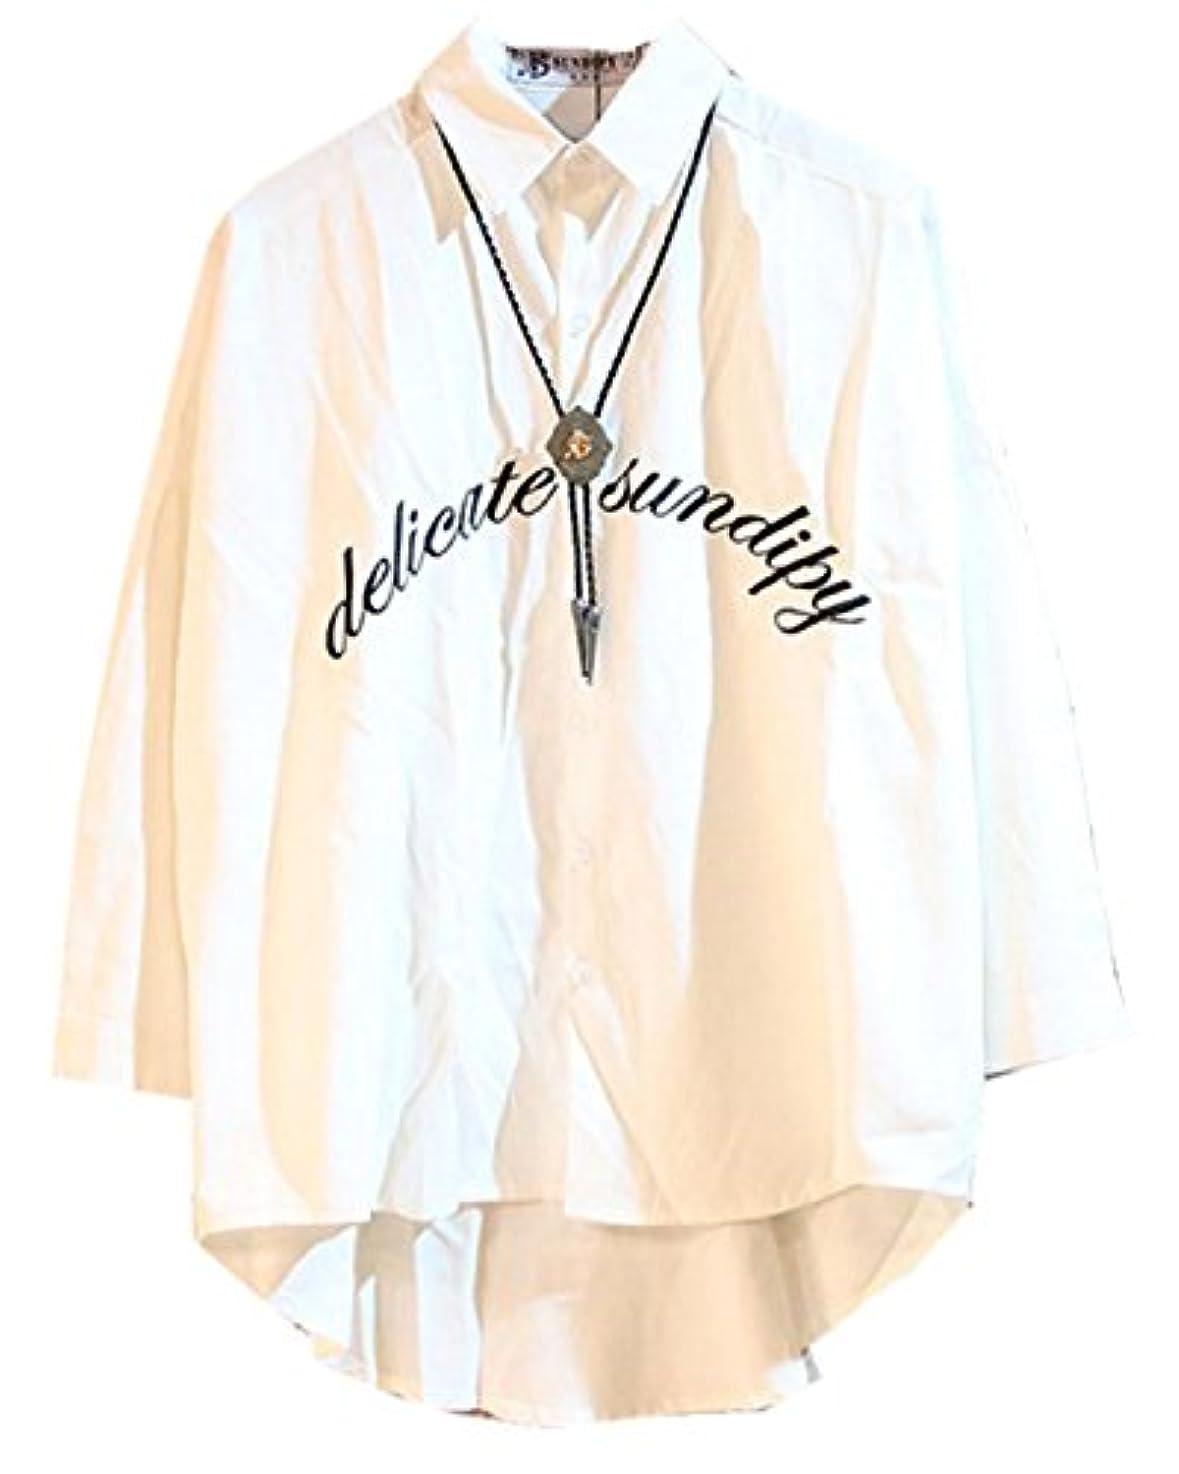 遊具奨学金カウンターパート[ファンノシ]Fanessy メンズシャツ 七分袖 大人気 英語文字 不規則な 復古スタイル ボタンダウン 襟付き ゆったり 無地 長袖 薄手 カジュアル 個性な ボタンシャツ カットソー Yシャツ 大きいサイズ